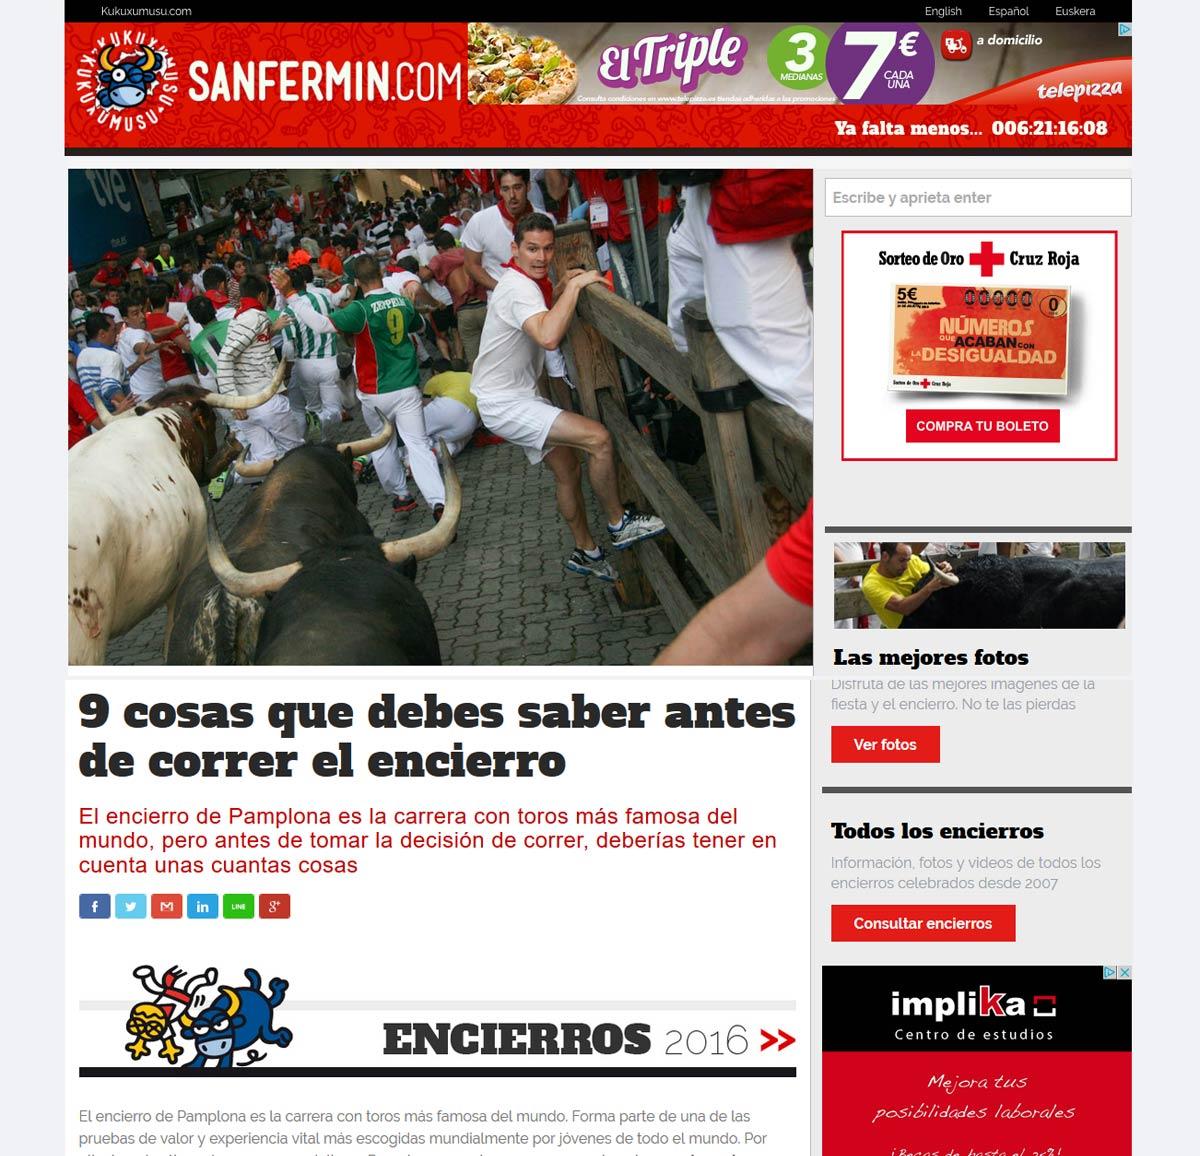 Página sobre el encierro en Sanfermin.com